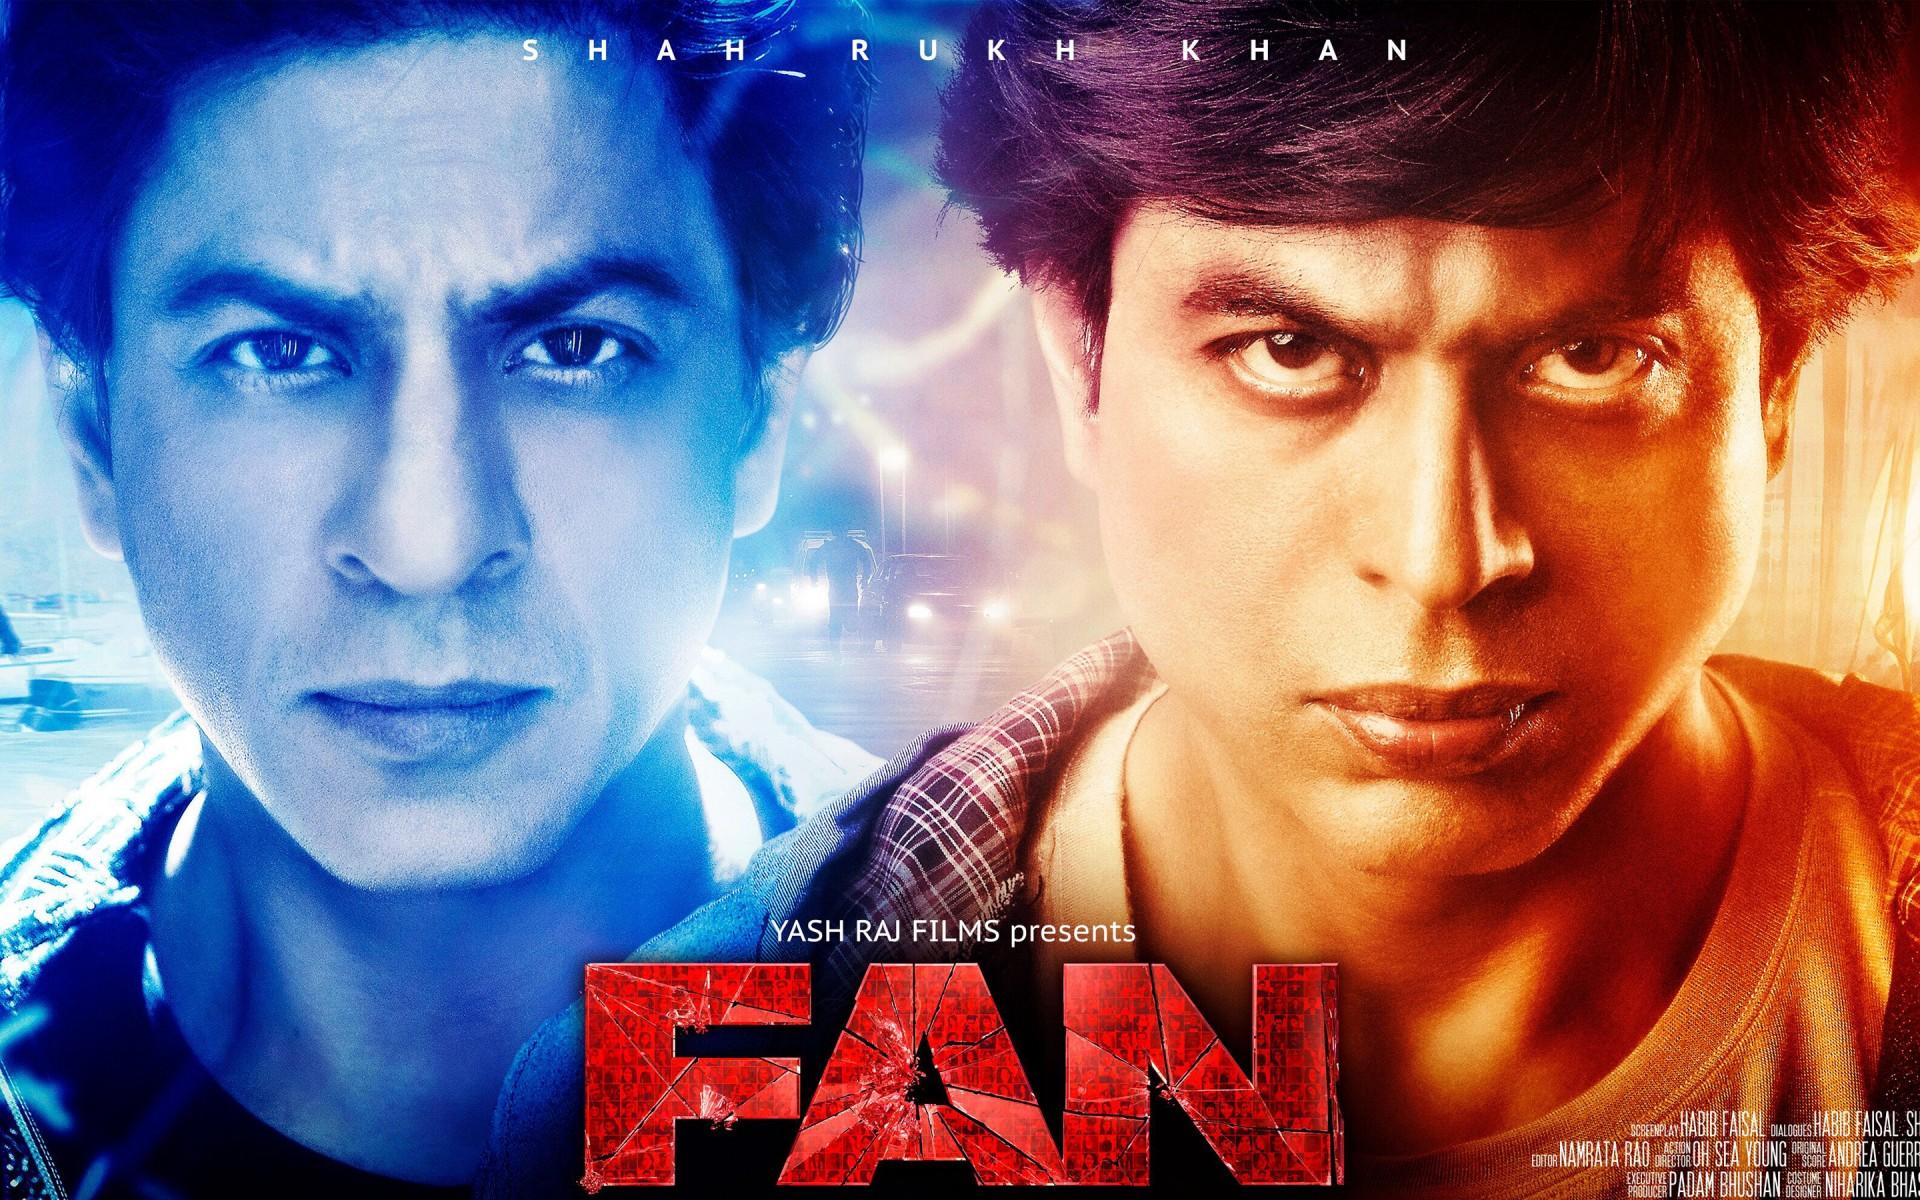 Cute Wallpapers Romance Shah Rukh Khan Fan 2016 Wallpapers Hd Wallpapers Id 17679